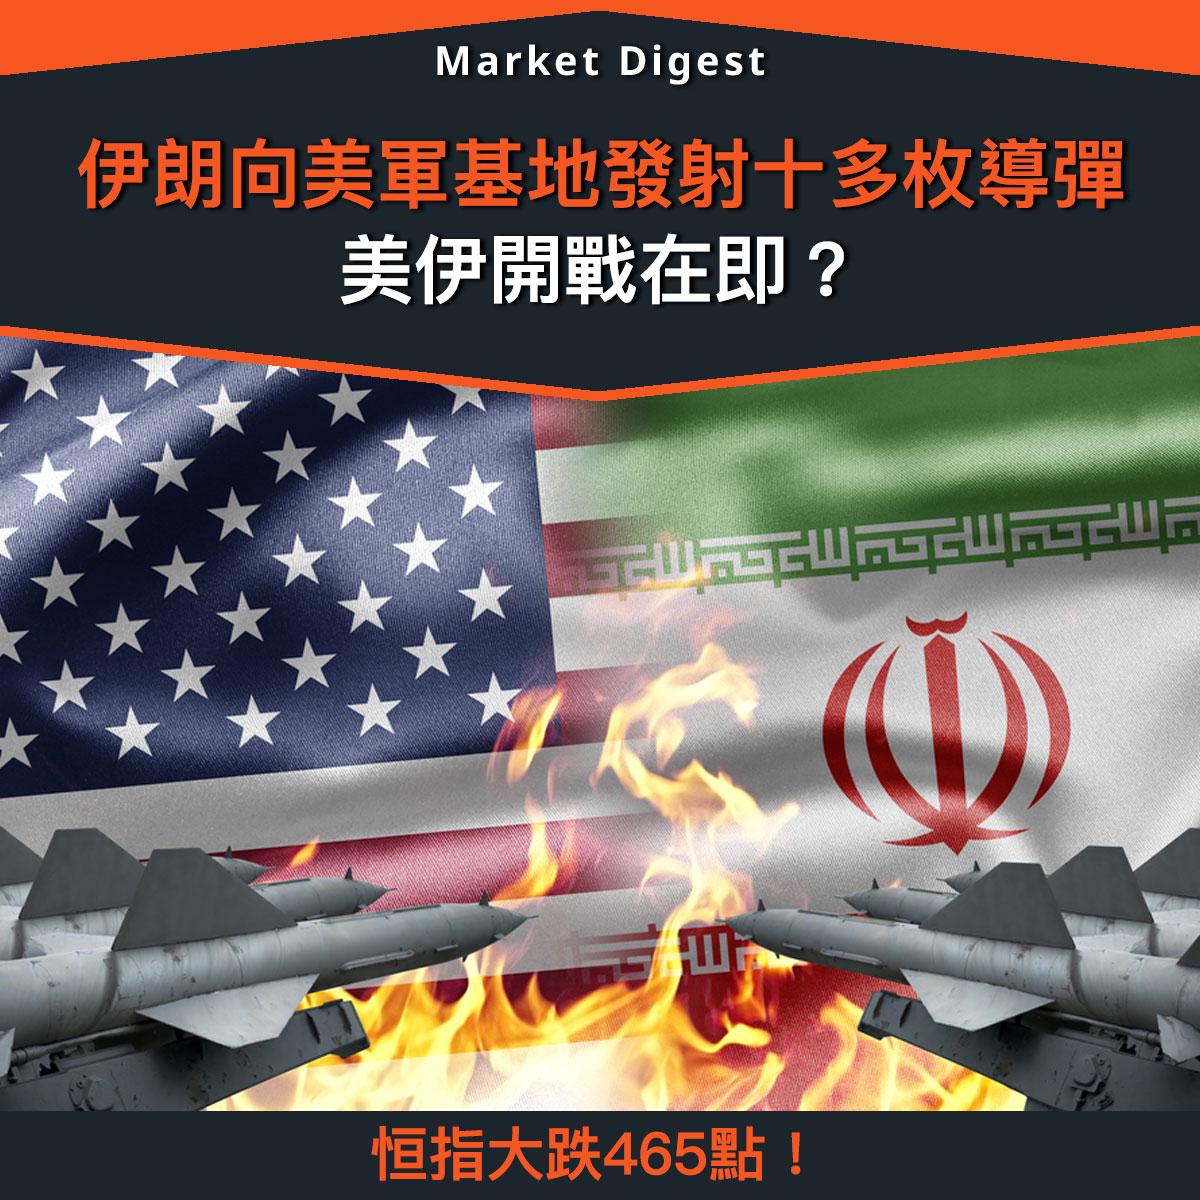 【市場熱話】伊朗向美軍基地發射十多枚導彈,美伊開戰在即?